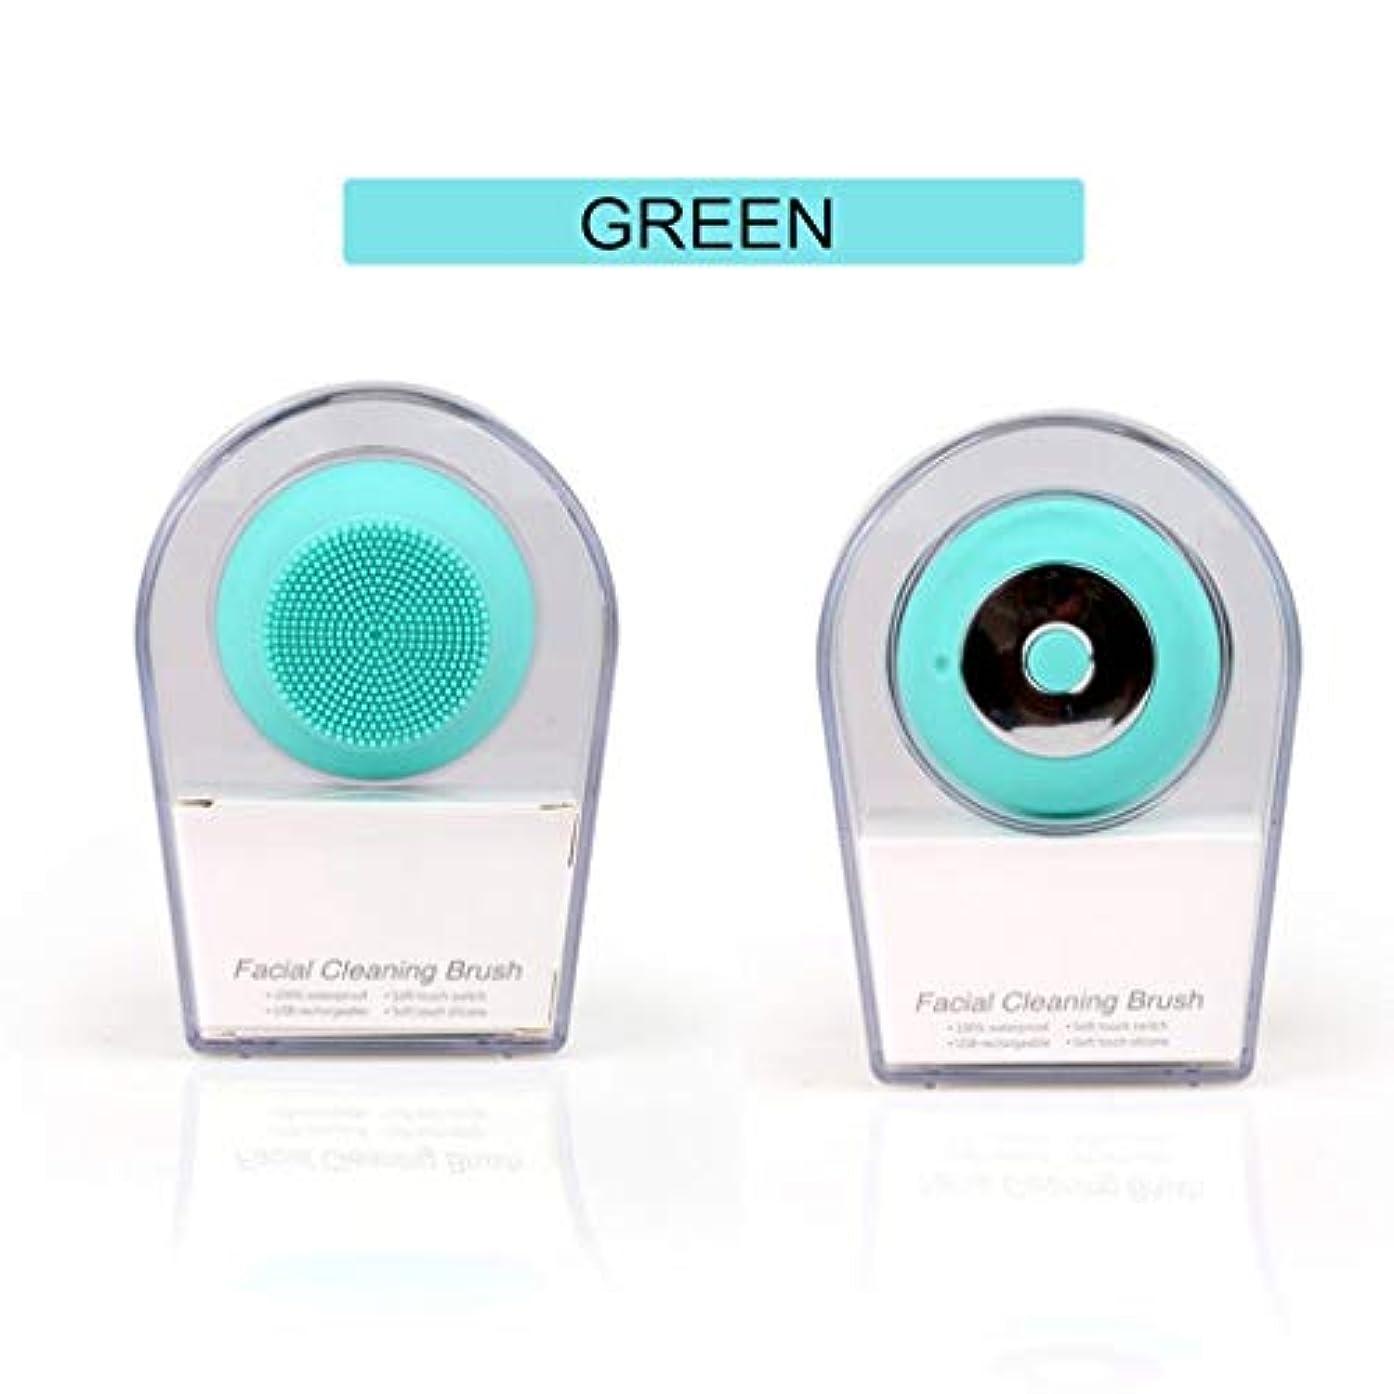 レンジ鮮やかな助言ソニックフェイシャルクレンジングブラシ、電動ビューティーマッサージブラシフェイシャルクレンジングポータブルバイブレーションマッサージ機器ディープクレンジング穏やかな角質除去ブラックヘッドの除去 (Color : Green)